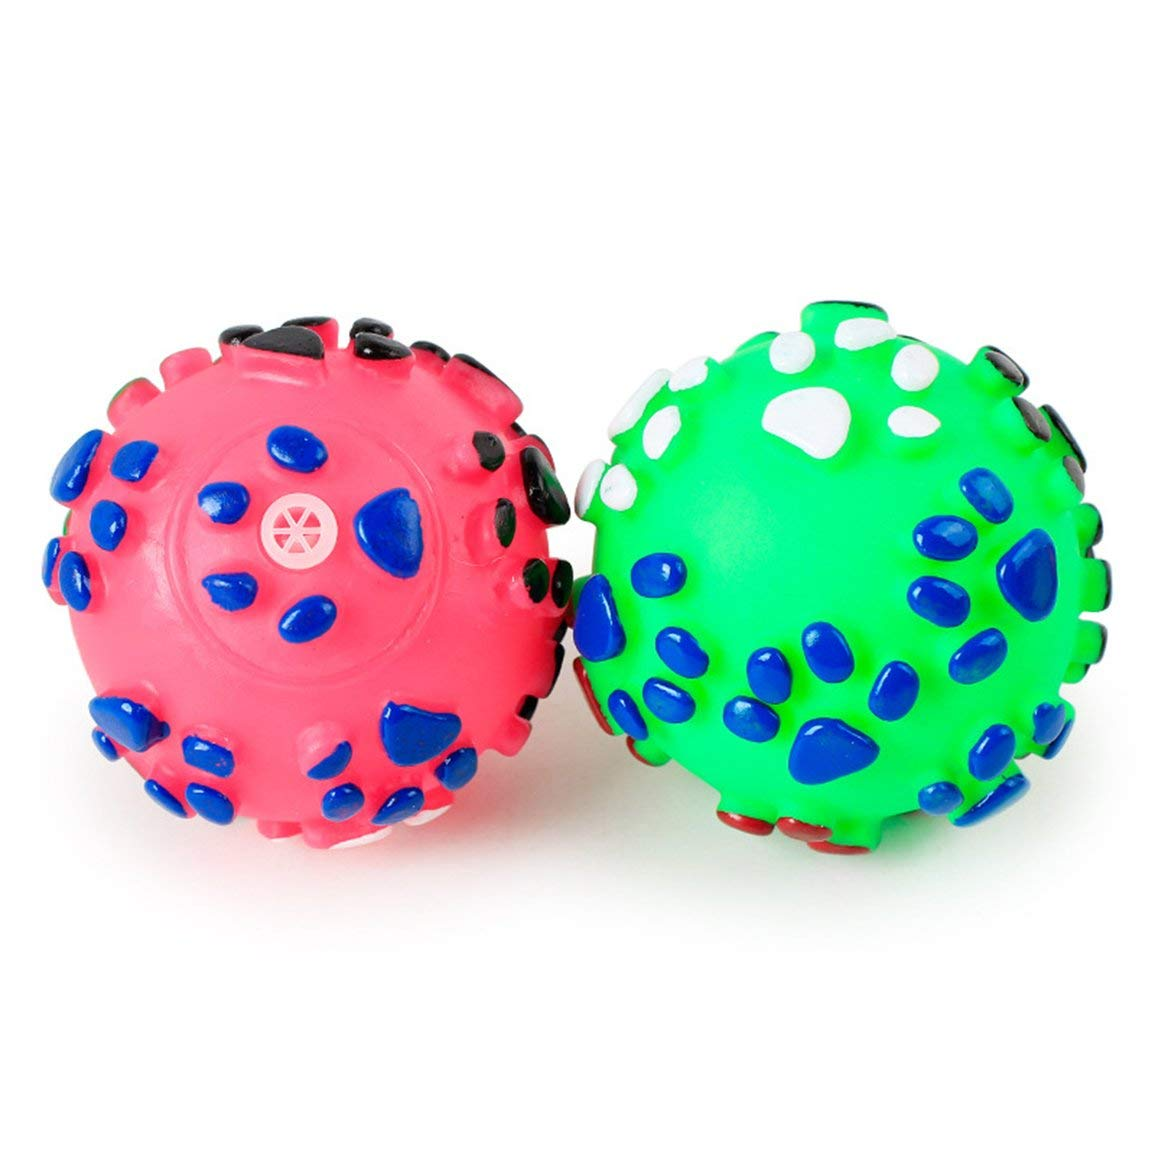 Garciasia Puppy Dog Squeaky Fetch Ball Toys Juguete masticable Resistente a la mordida para masticadores agresivos Dise/ño Colorido Lindo de la Bola Color: Color Aleatorio